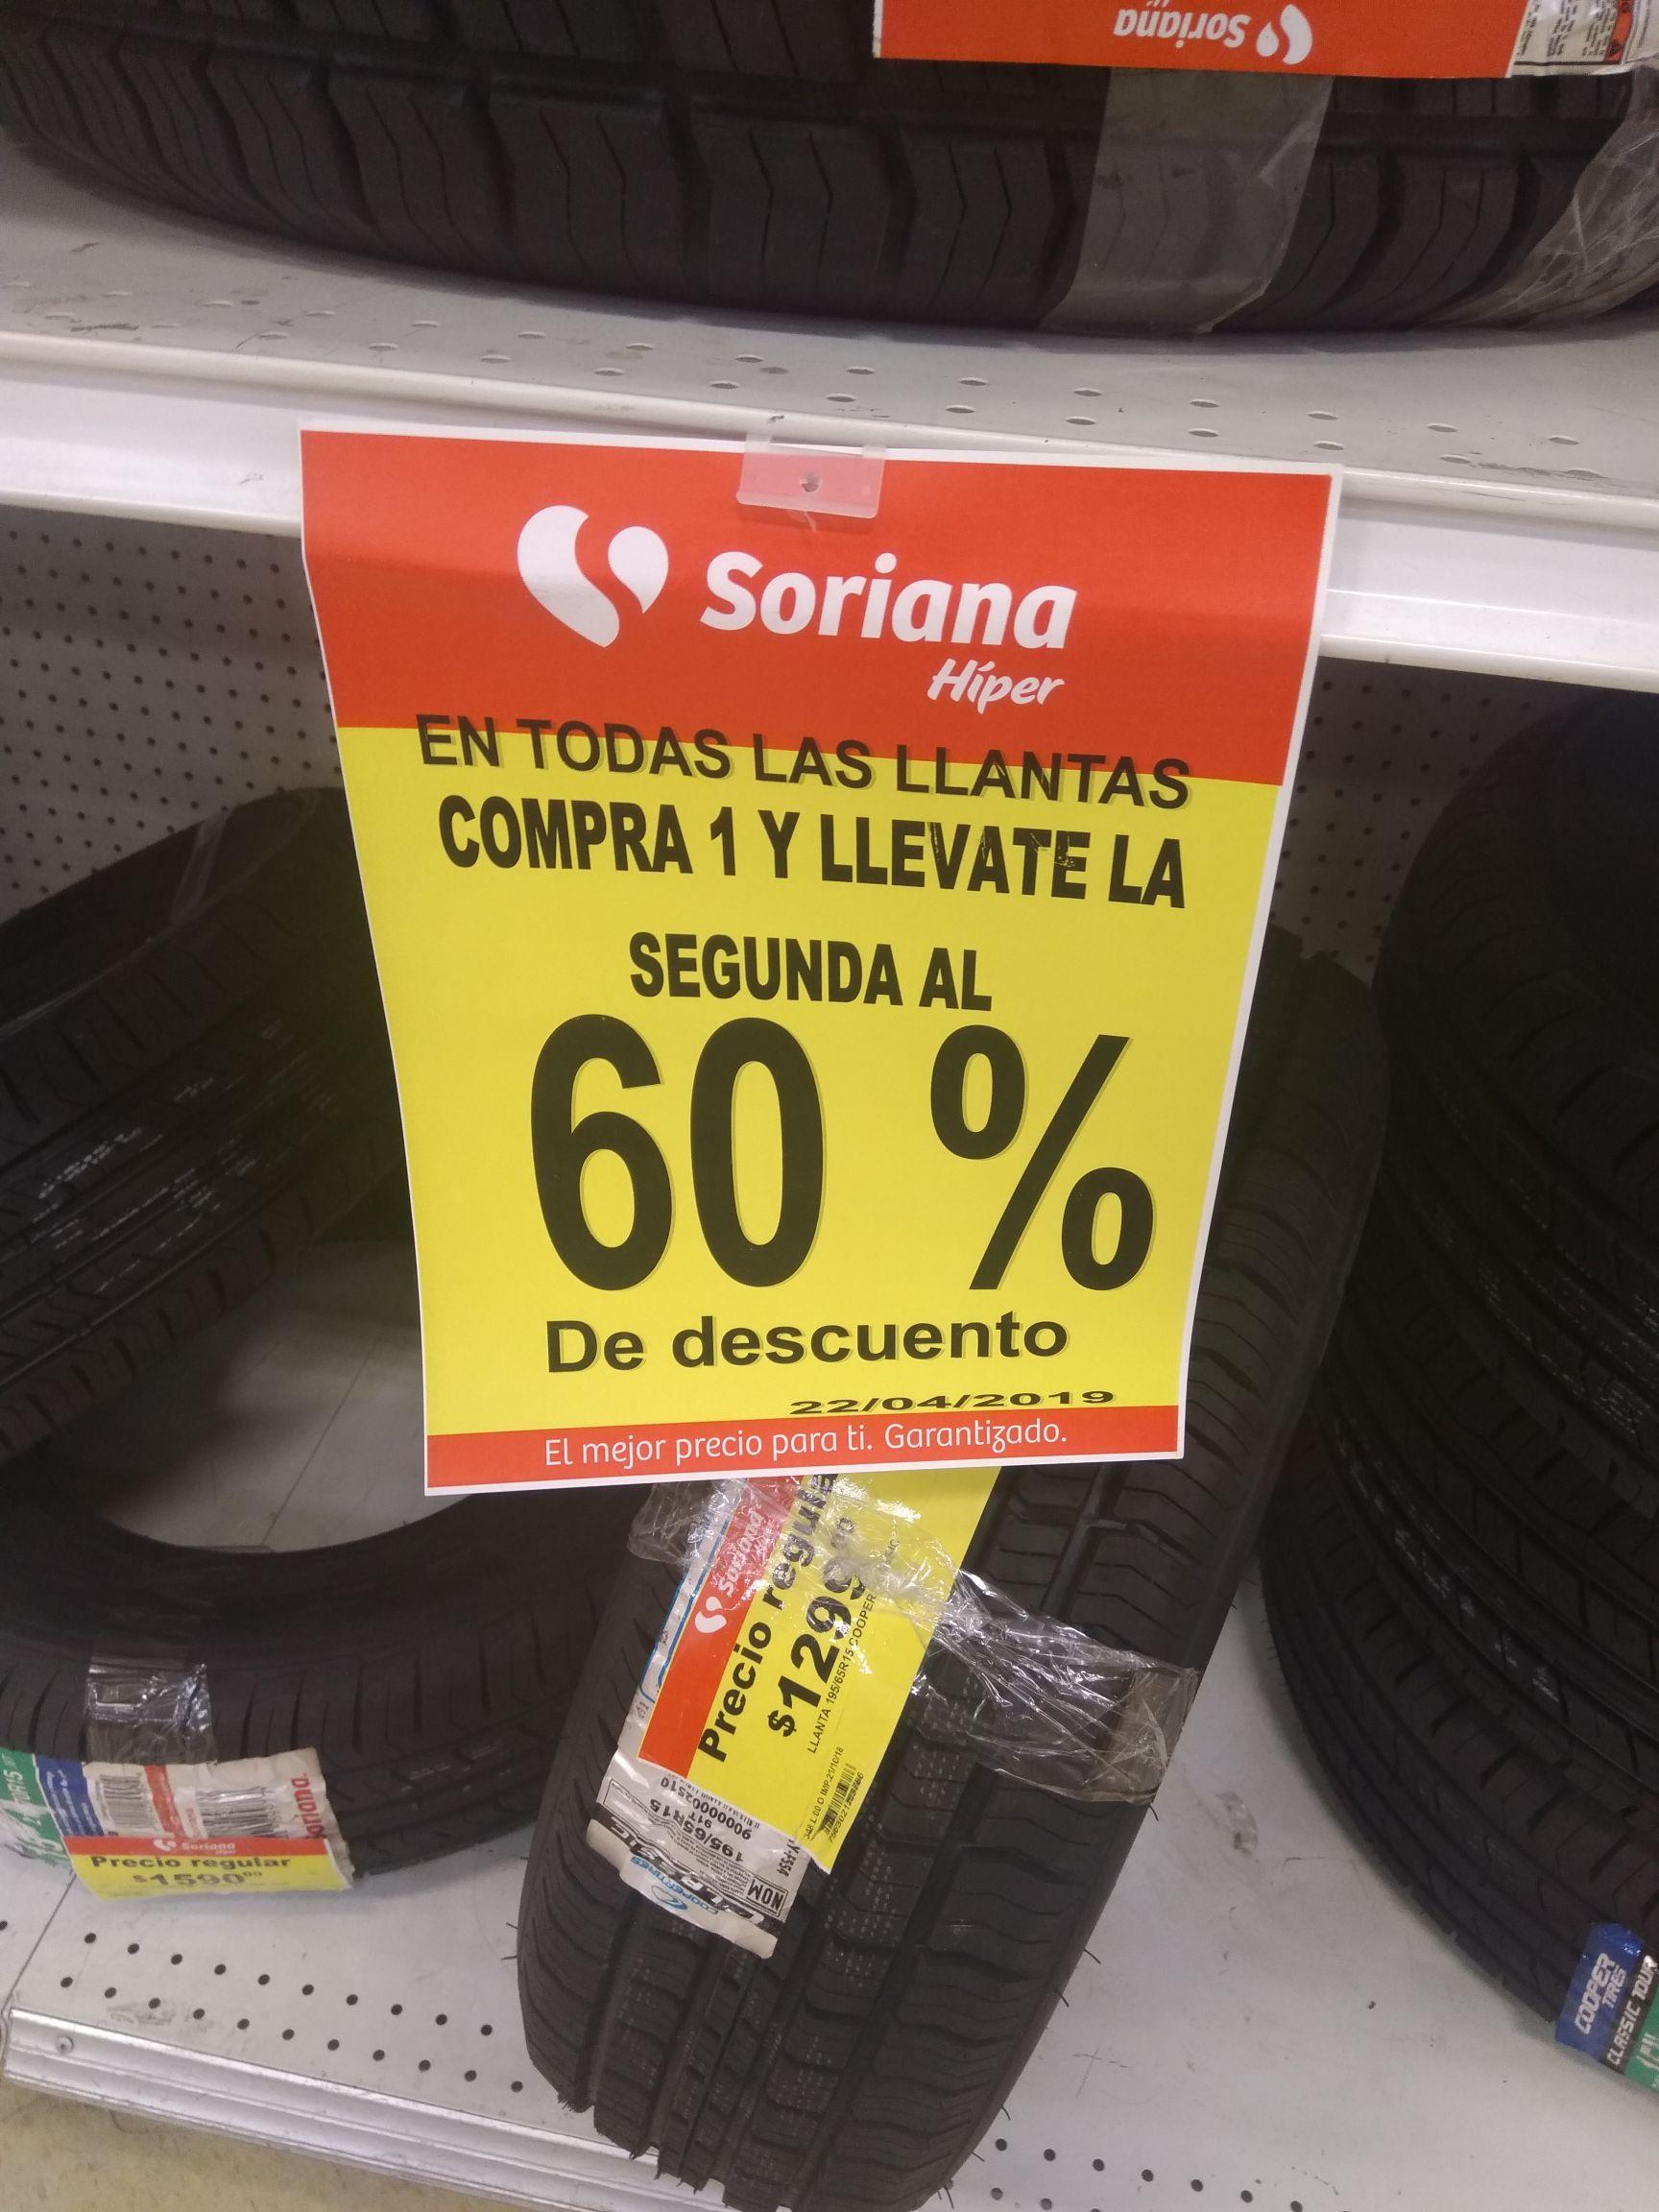 Soriana Híper: 60% de descuento en la segunda llanta